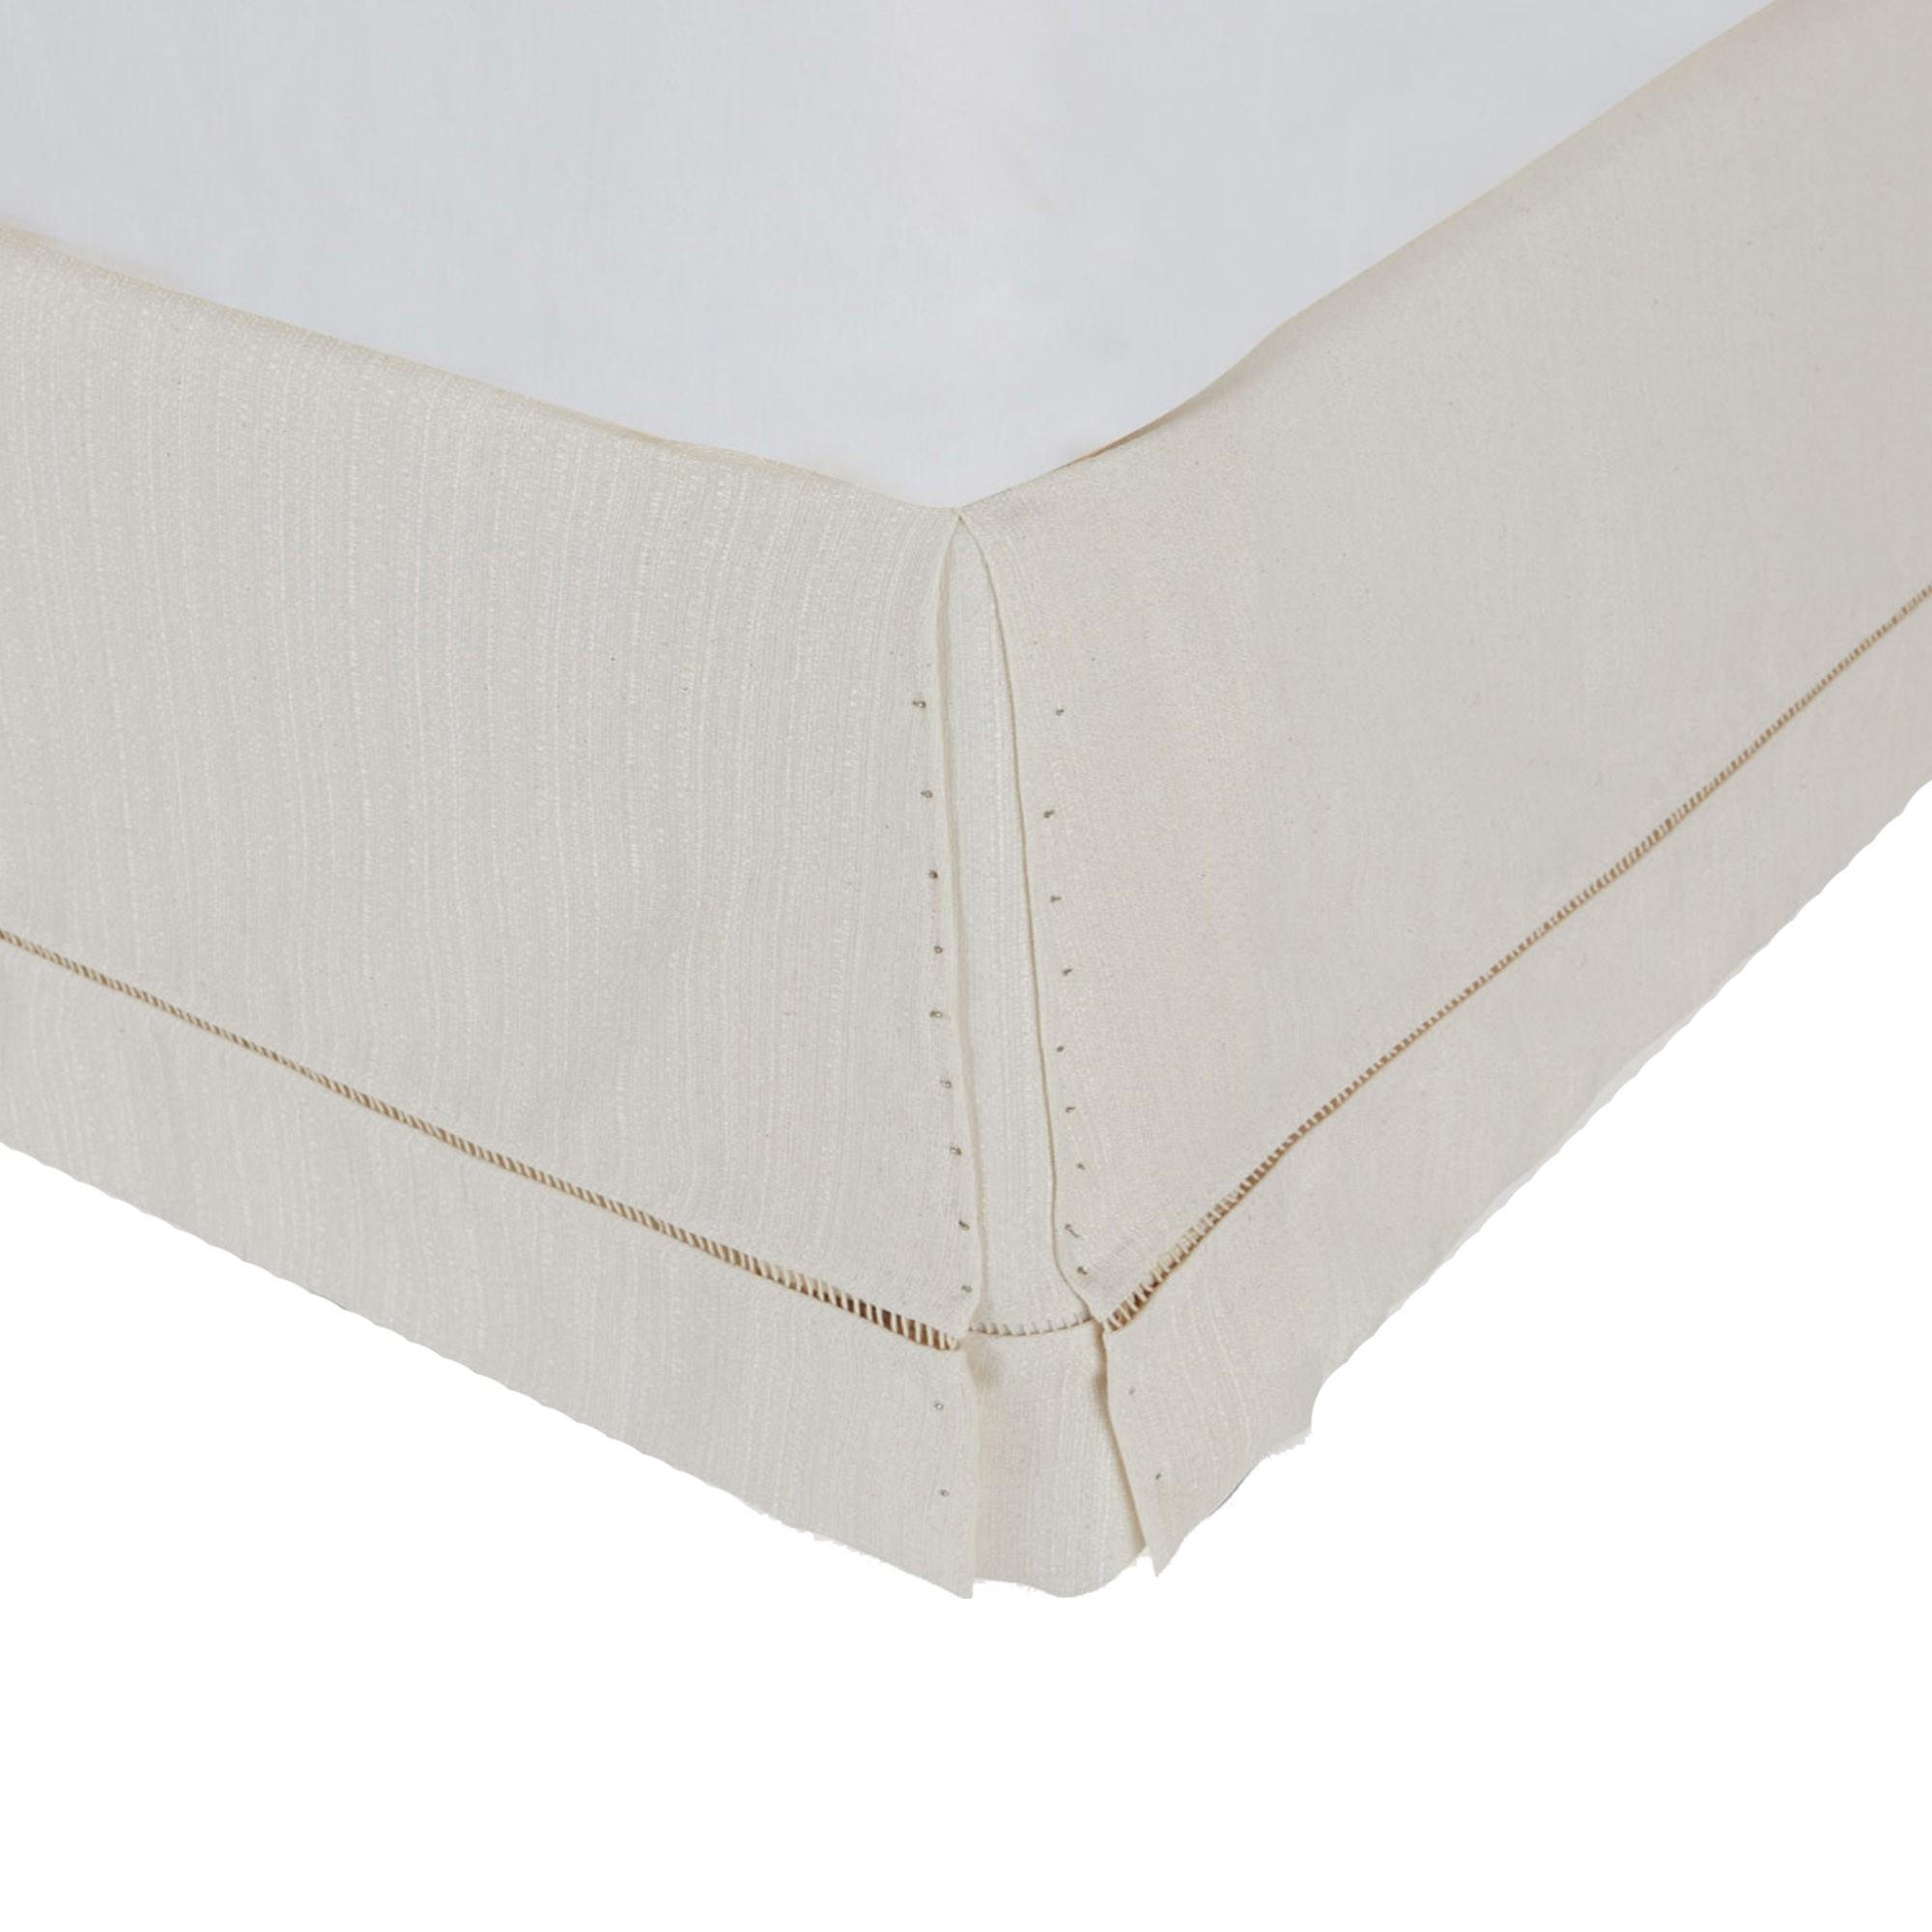 Saia para Cama Box com Ponto Palito Bege [Viúva 108 x 198 cm]